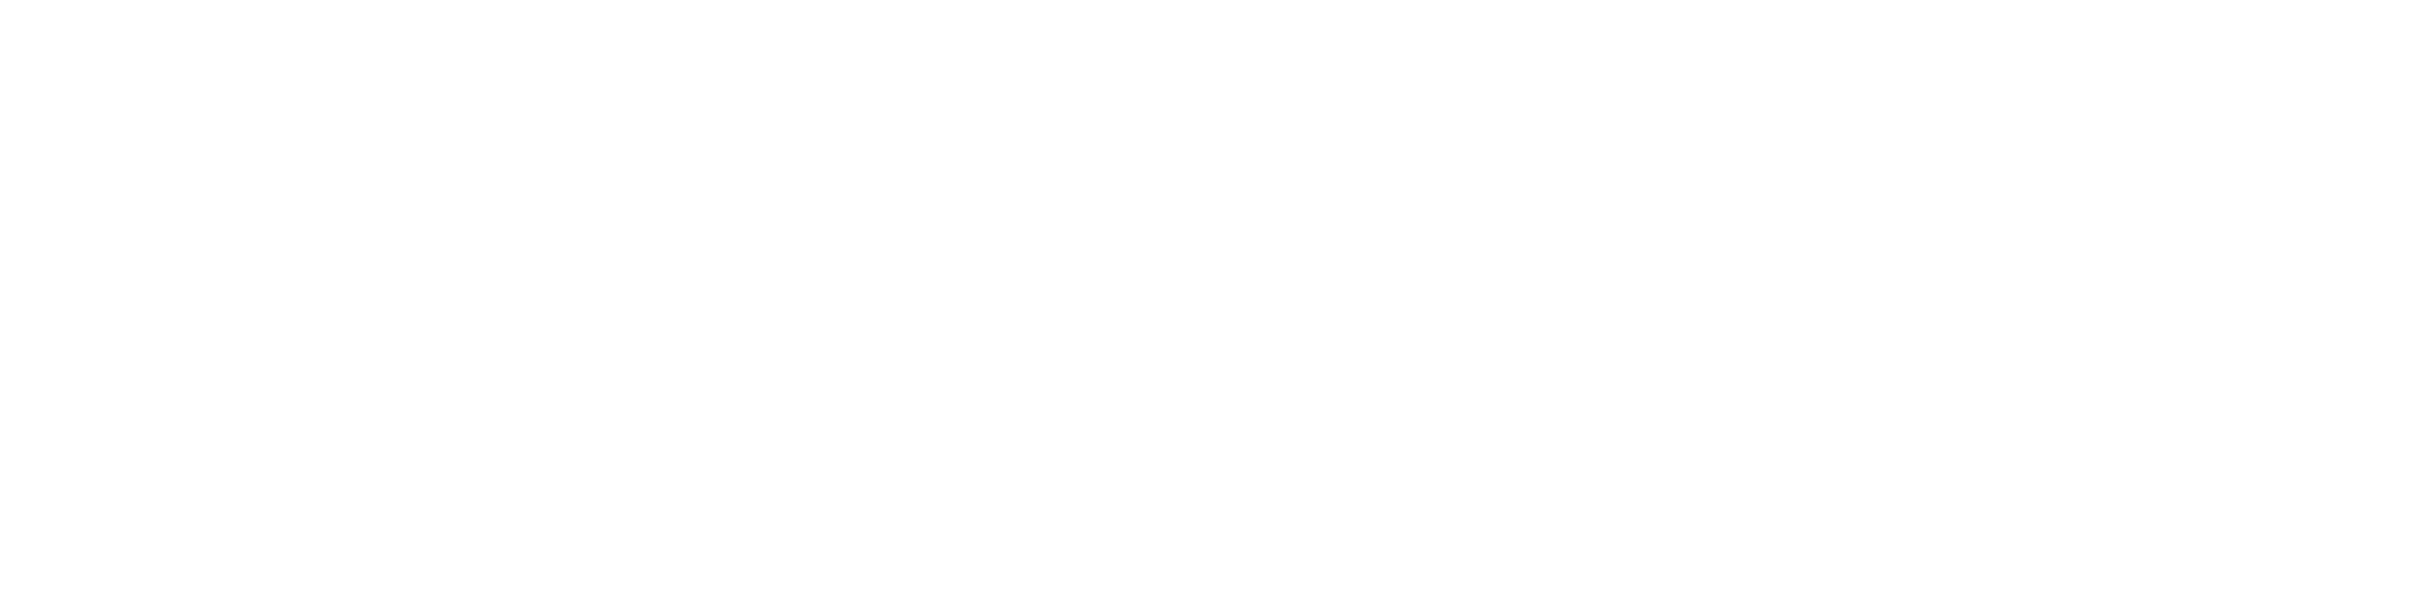 Orderstep